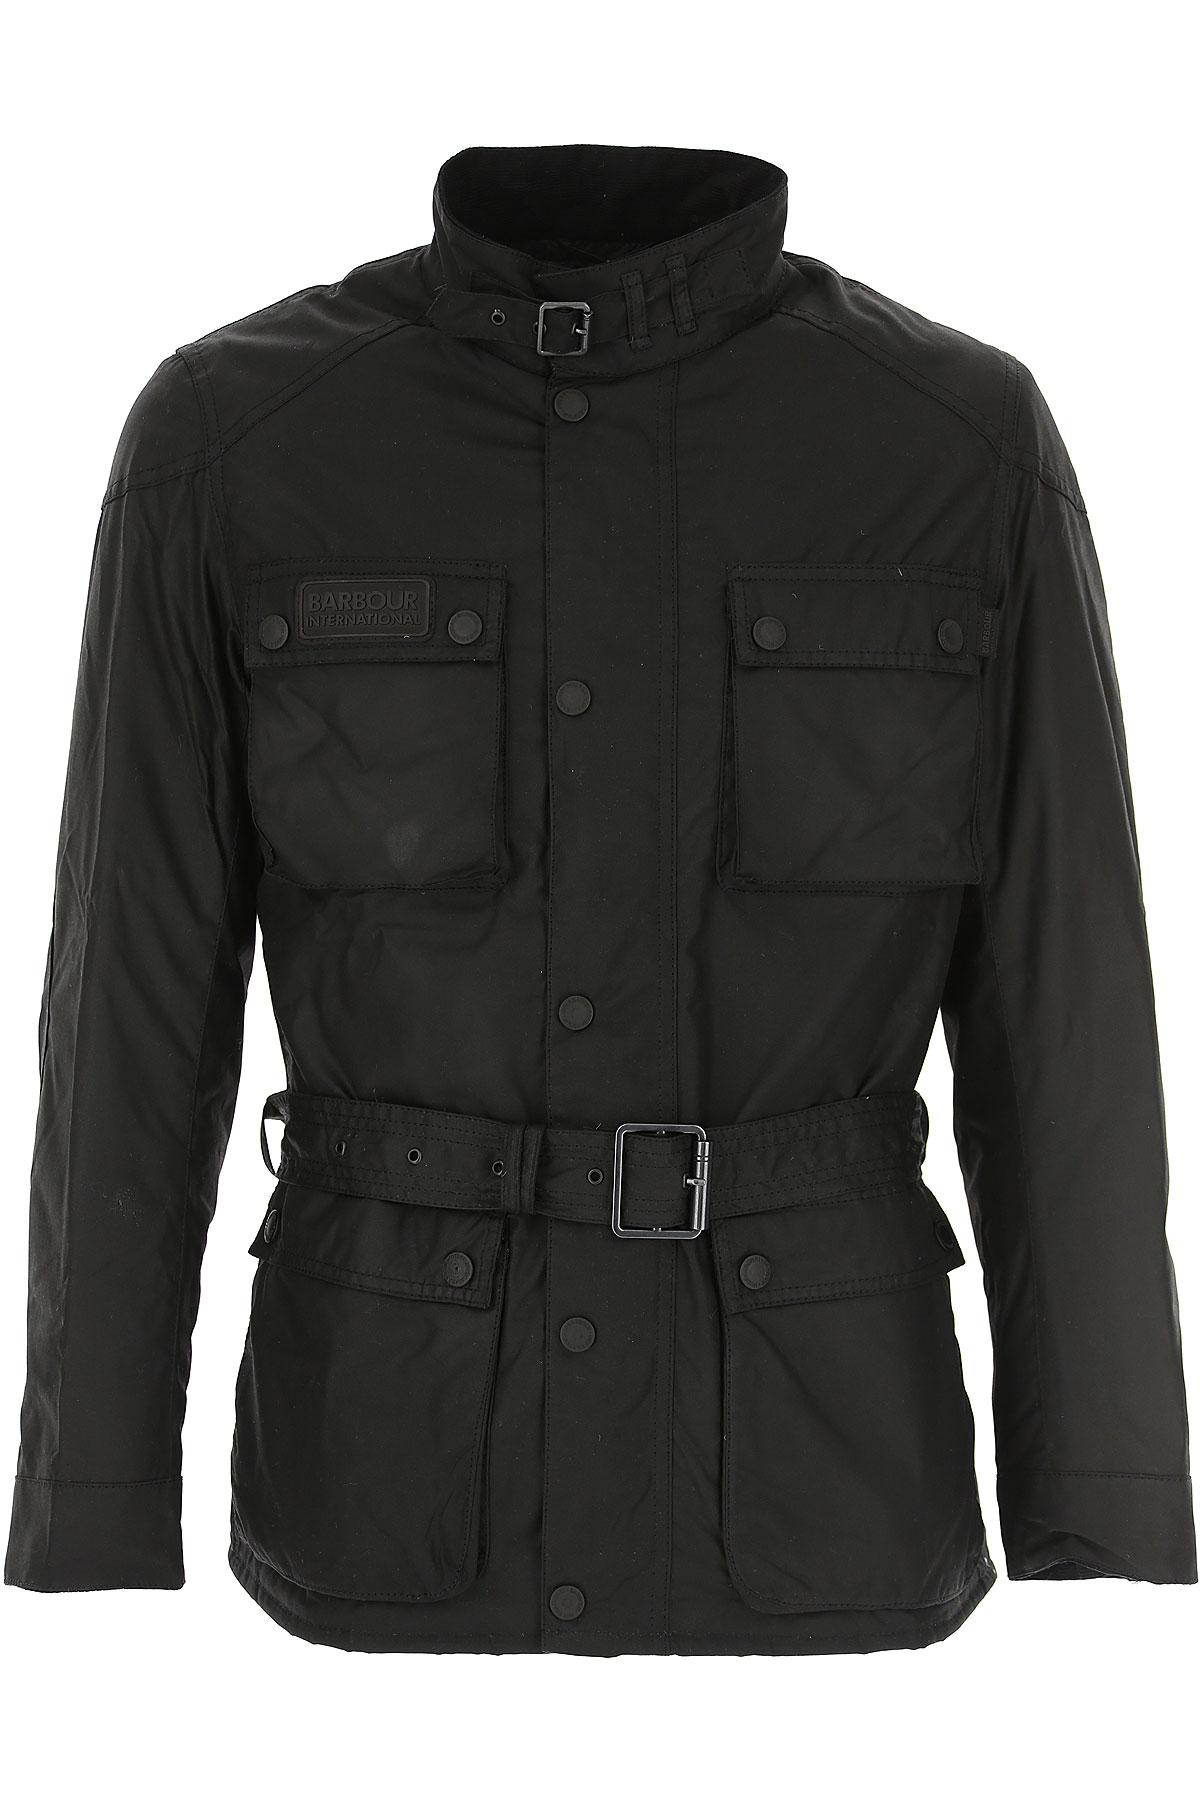 Barbour Jacket for Men On Sale, Black, Cotton, 2019, L M XL